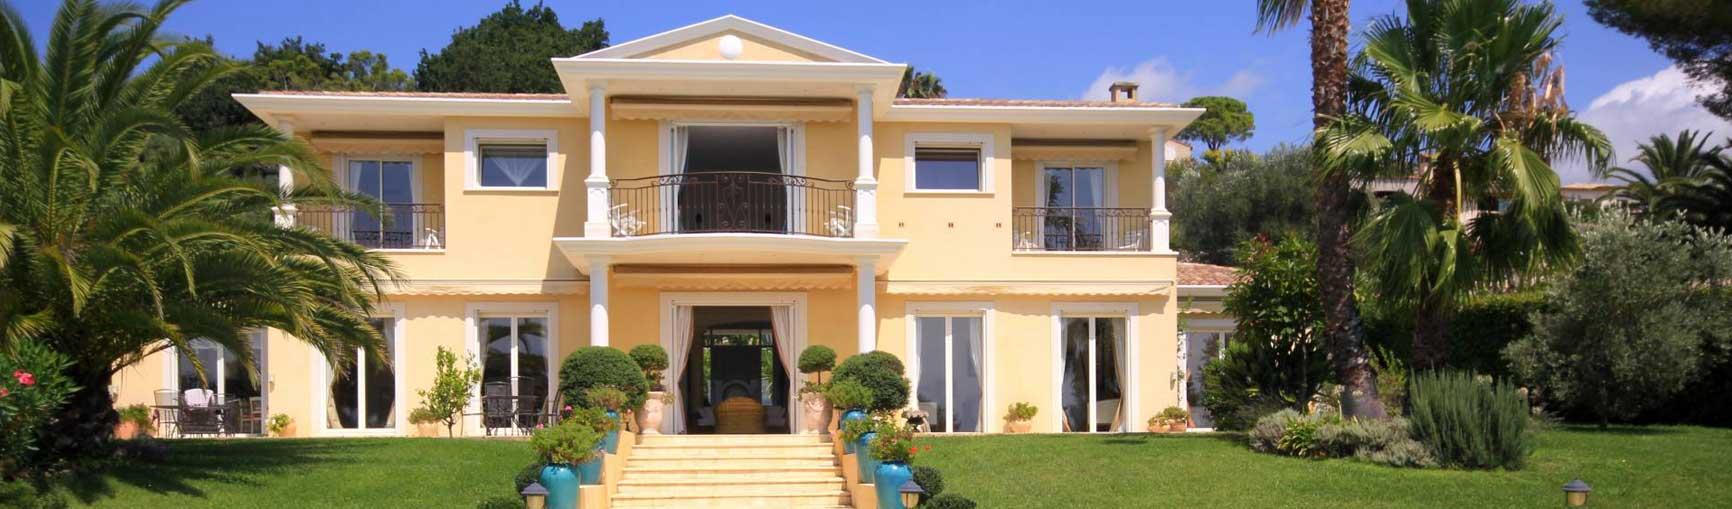 location villa avec jardin